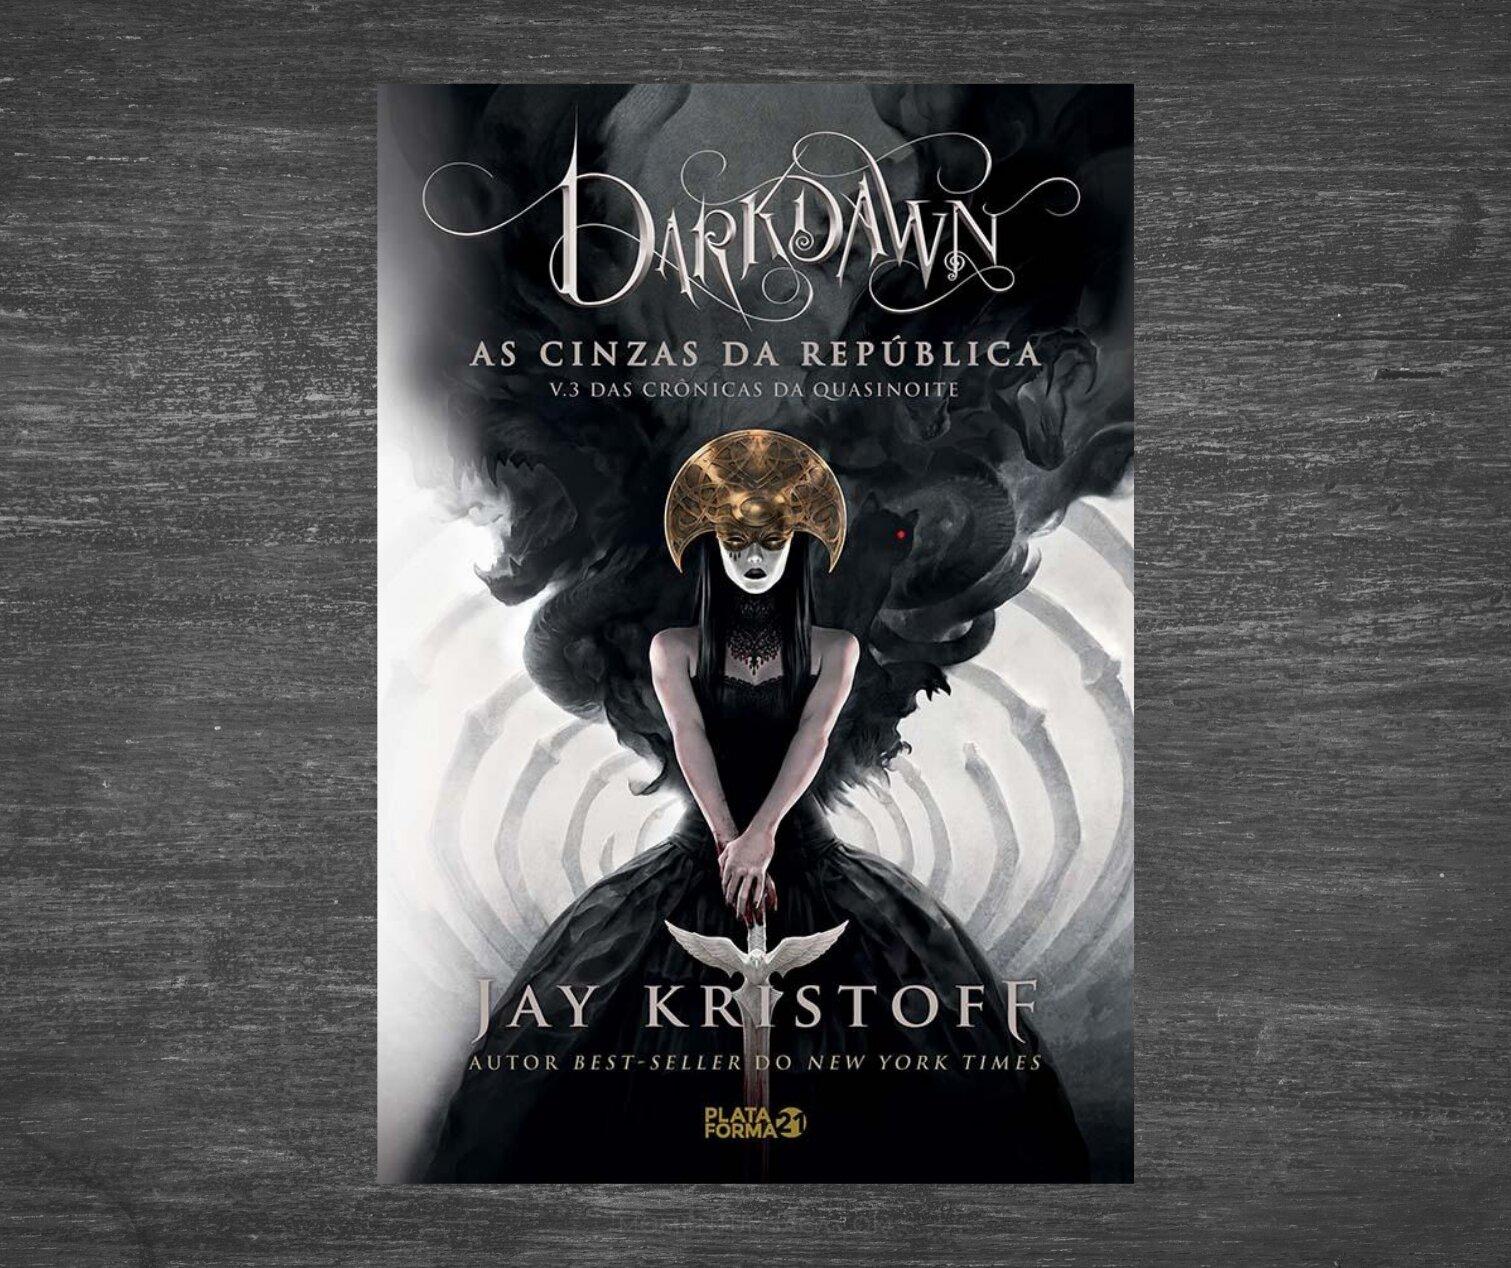 Resenha: Darkdawn, as cinzas da república, de Jay Kristoff